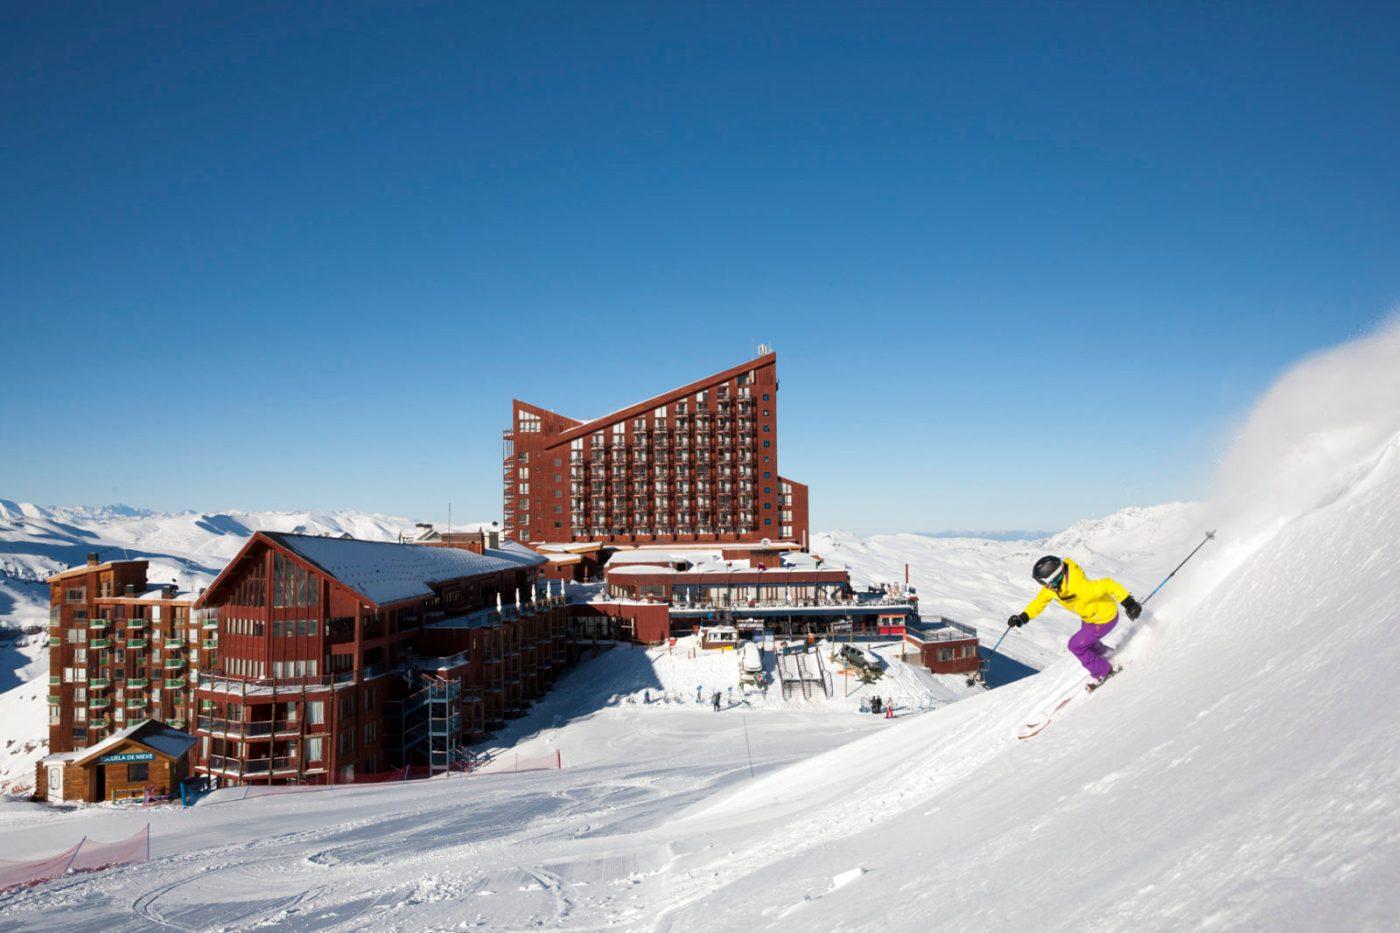 Conheça os 3 hotéis do complexo Valle Nevado Ski Resort, no Chile ...